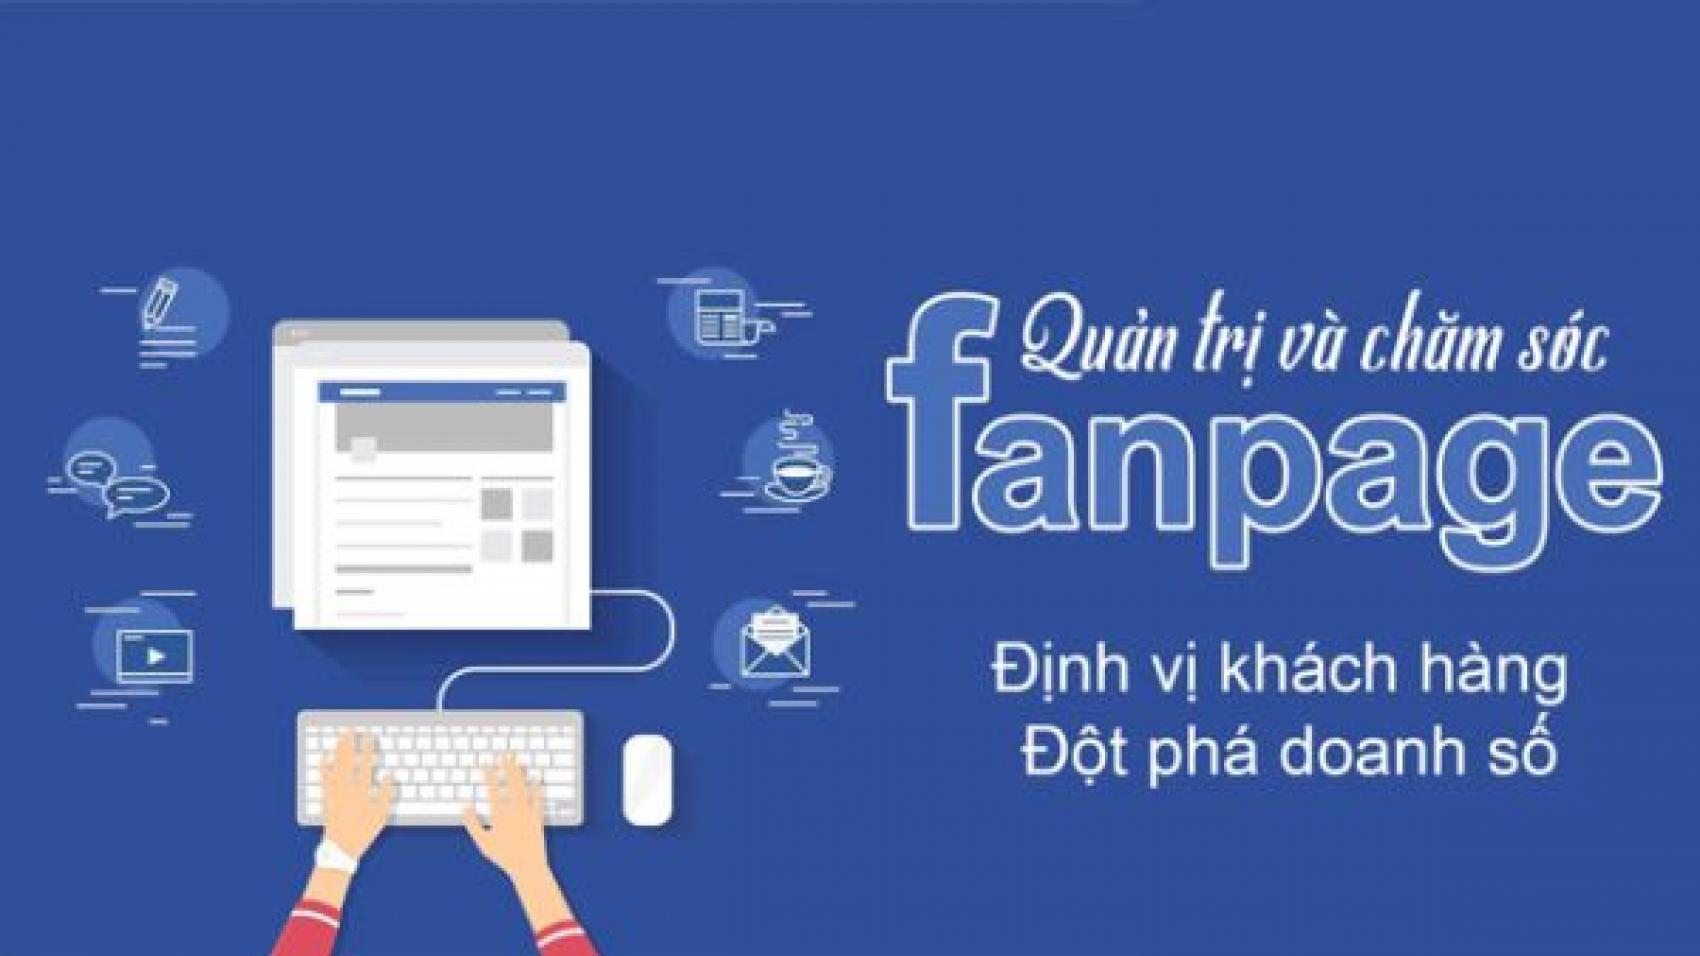 Bảng giá Dịch vụ chăm sóc Fanpage Facebook